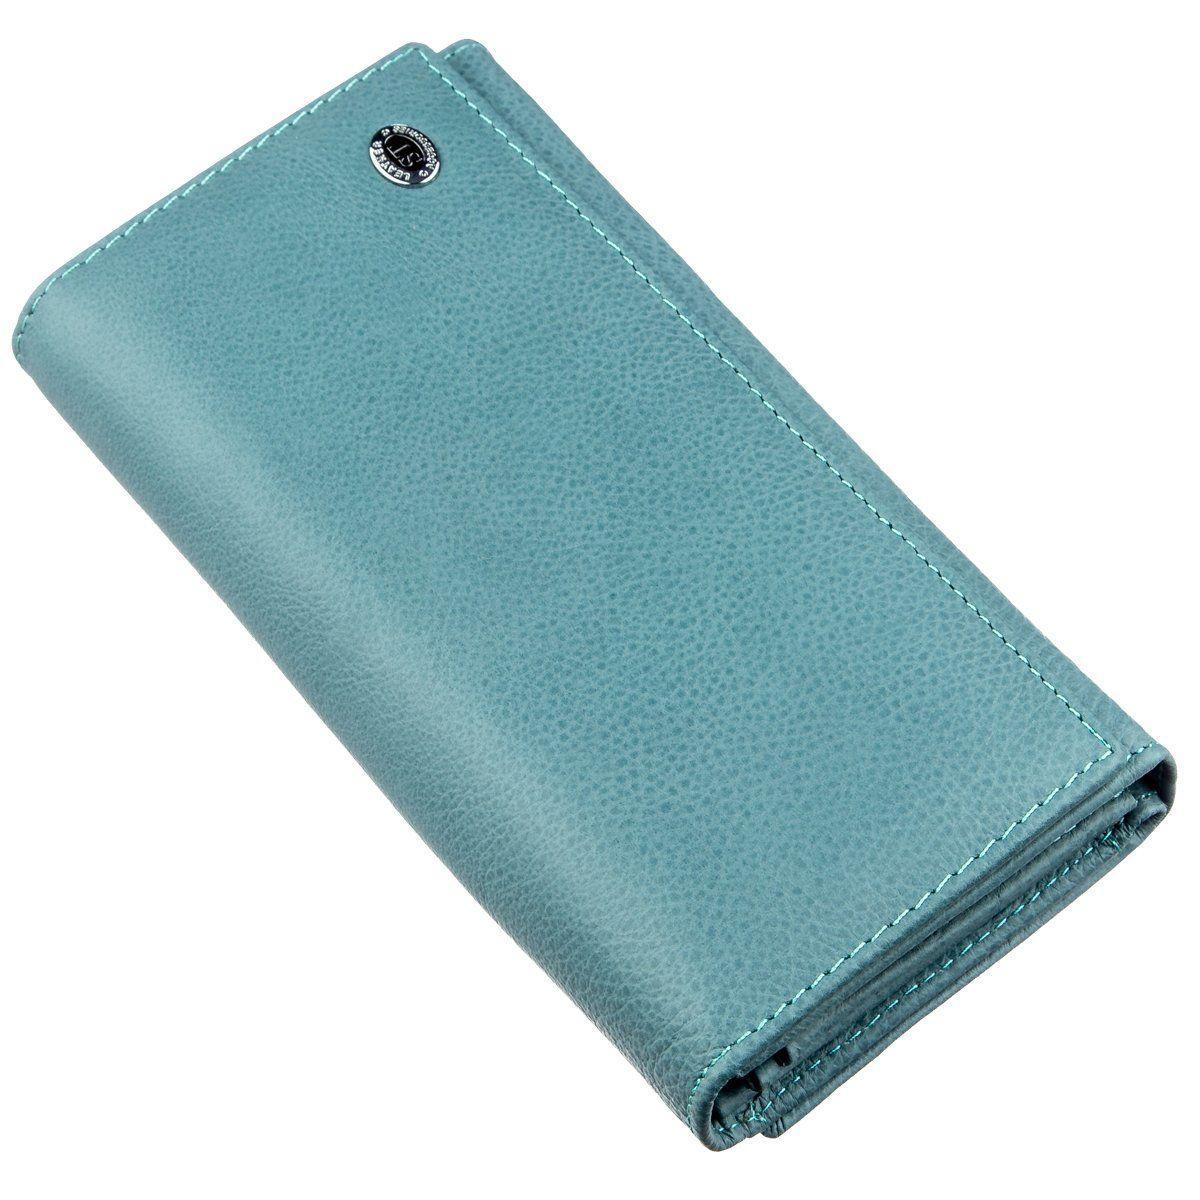 Современный женский кошелек ST Leather 18883 Голубой, Голубой